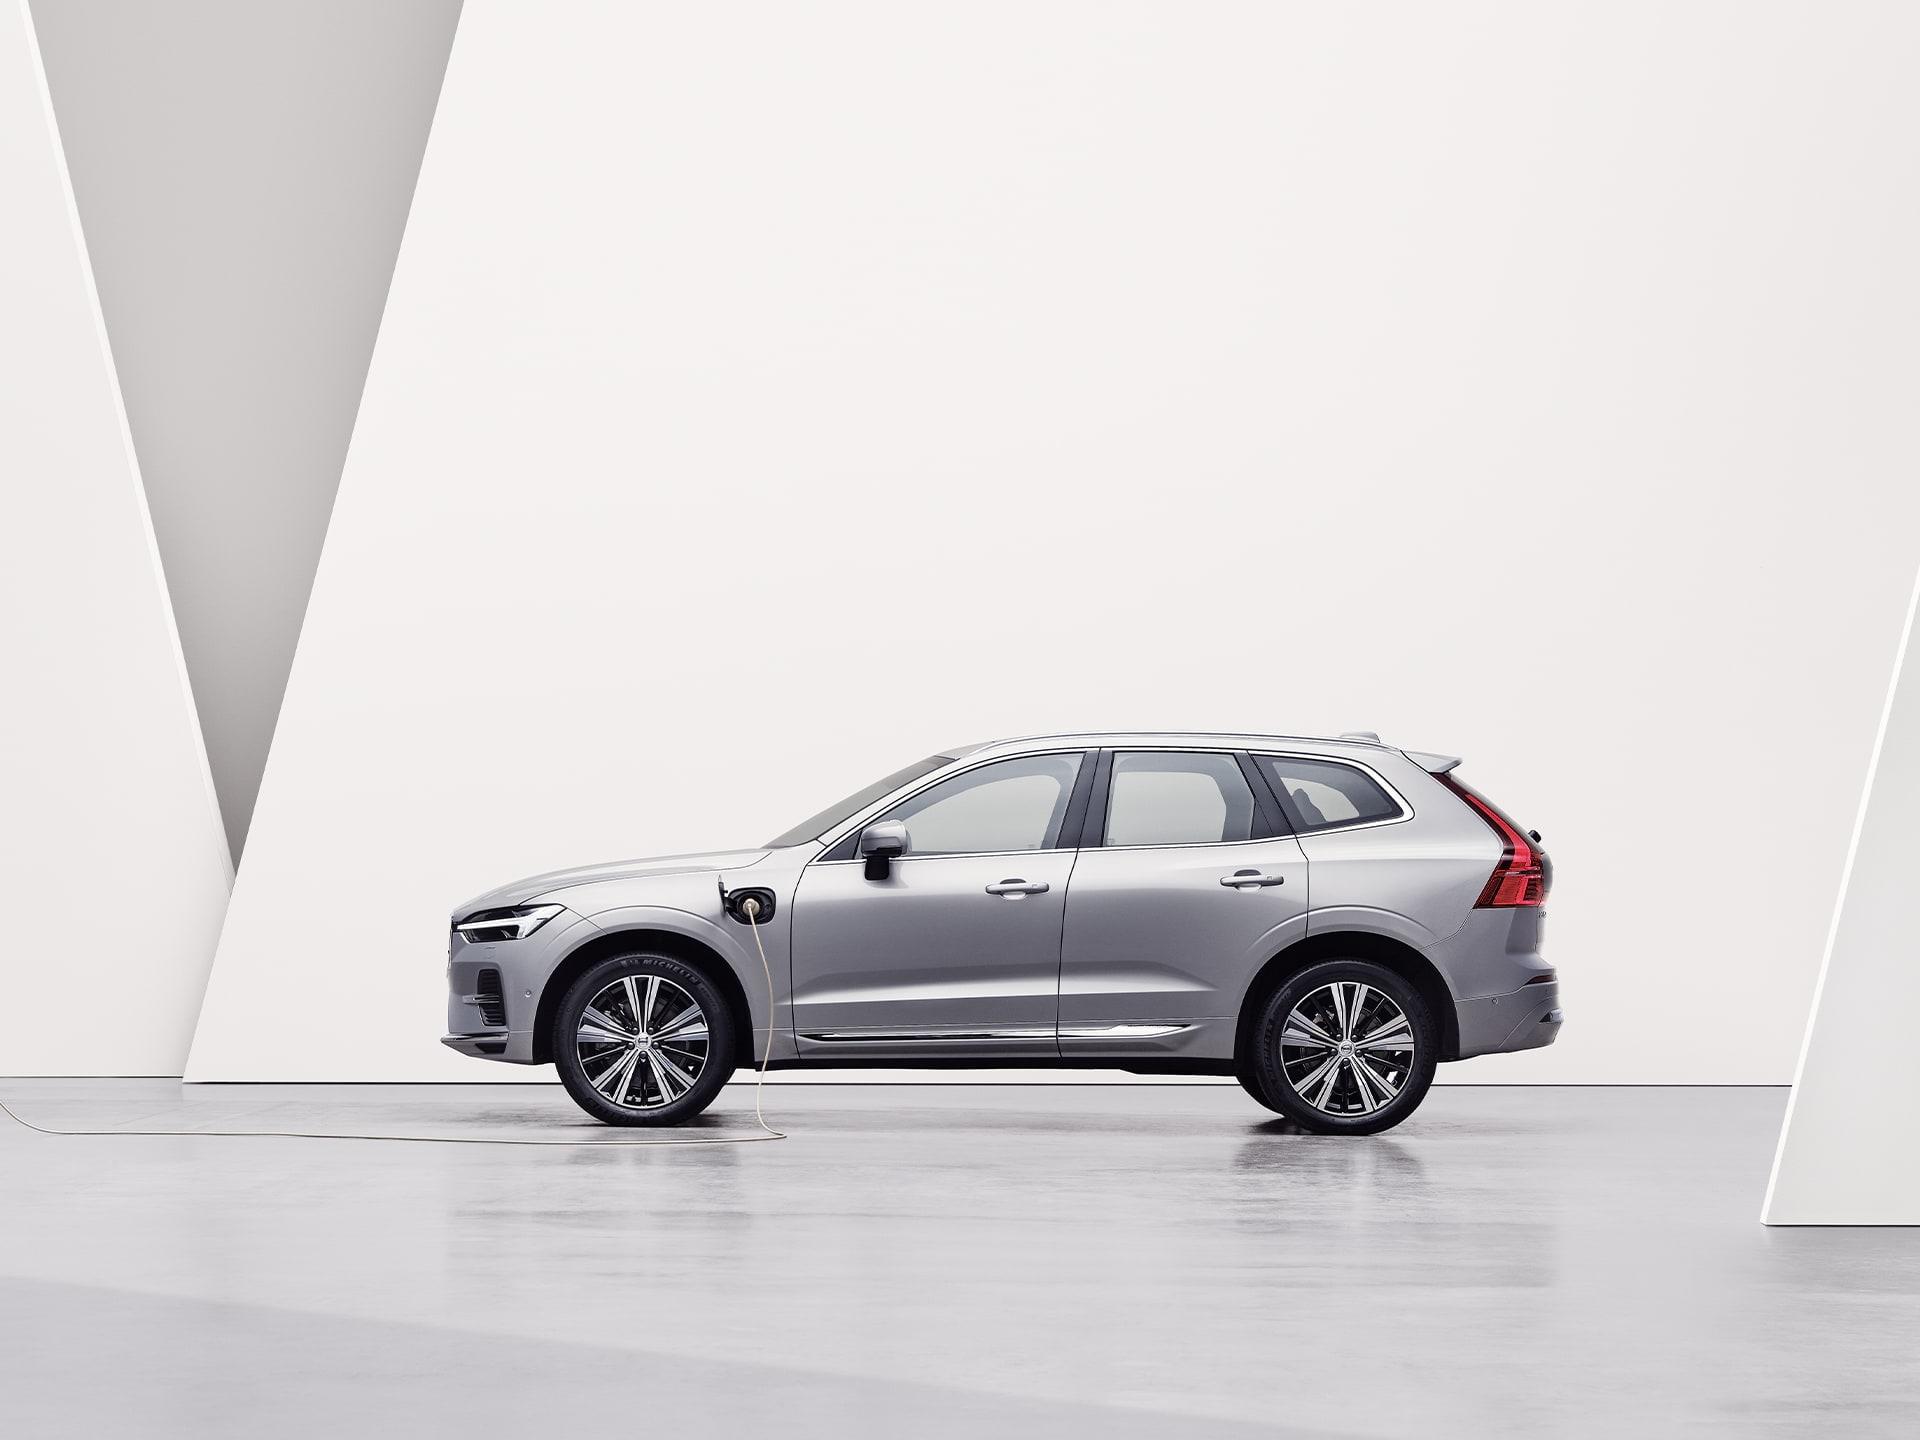 SUV compact Volvo XC60 Recharge argent, en charge dans un environnement blanc.